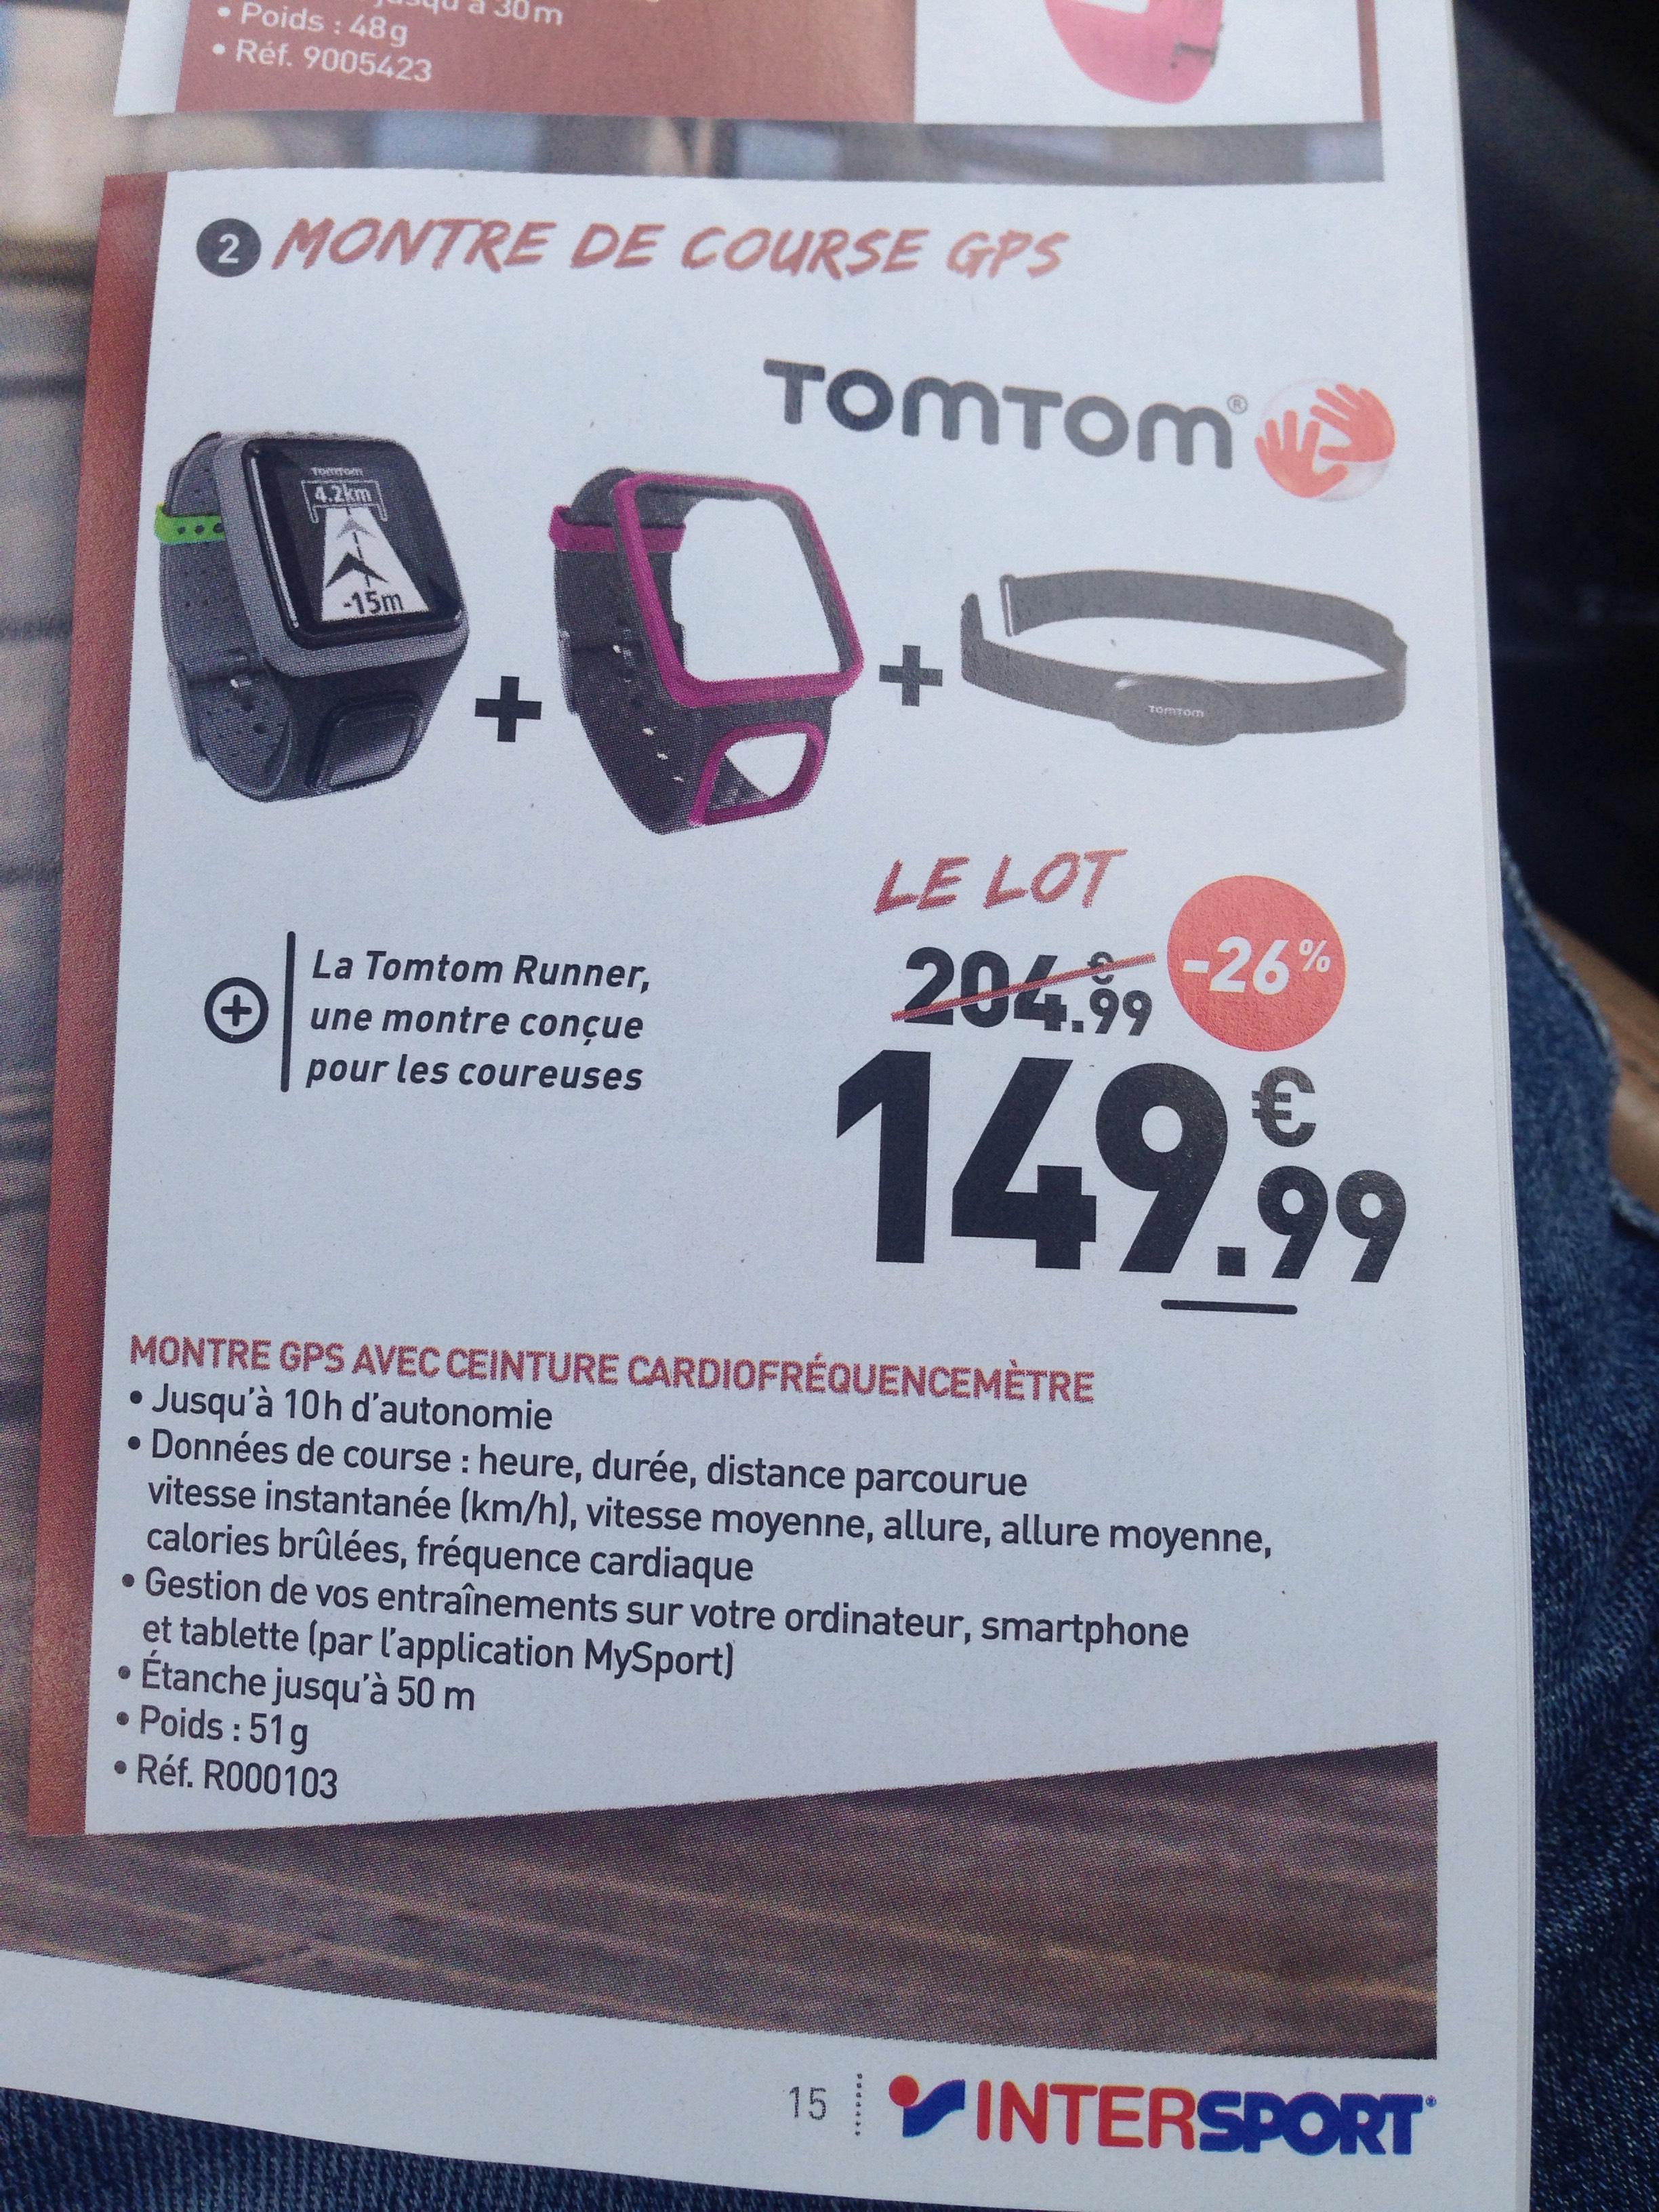 Montre GPS TomTom Runner + Bracelet + ceinture cardio-fréquencemètre  TomTom